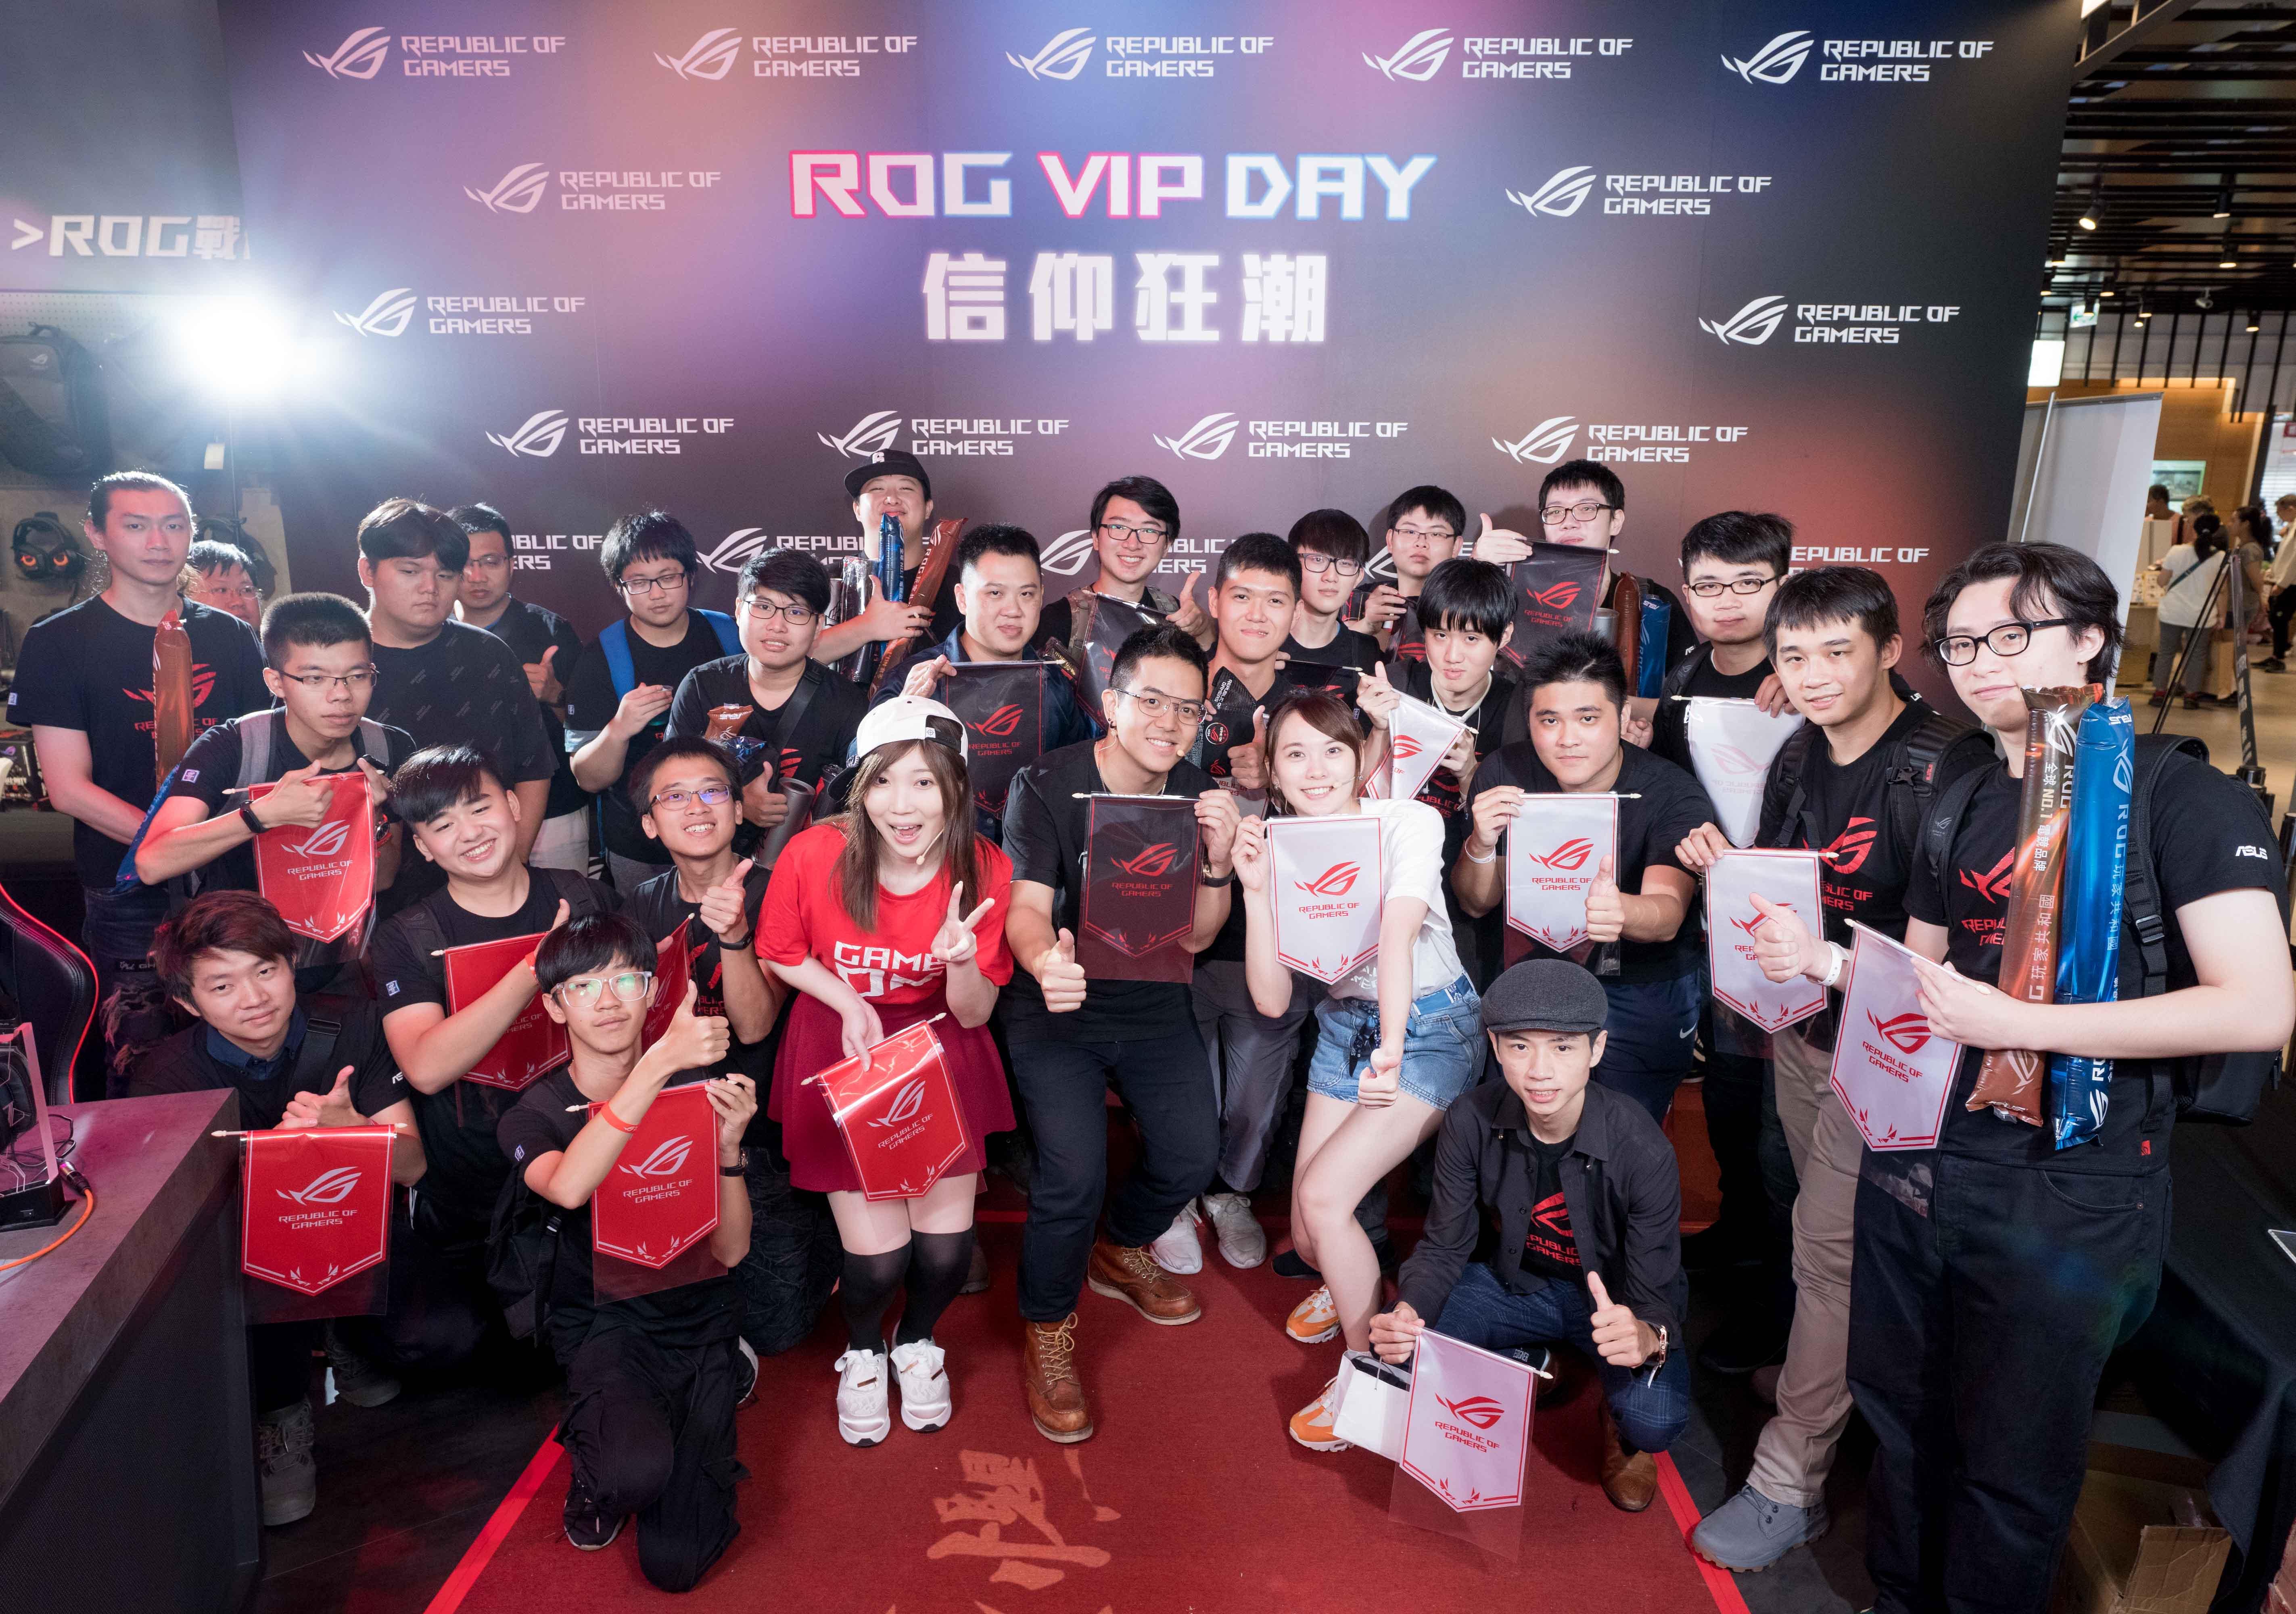 ROG玩家共和國今日舉辦ROG VIP Day信仰狂潮活動,邀請百位持有ROG 護照的會員共襄盛舉。